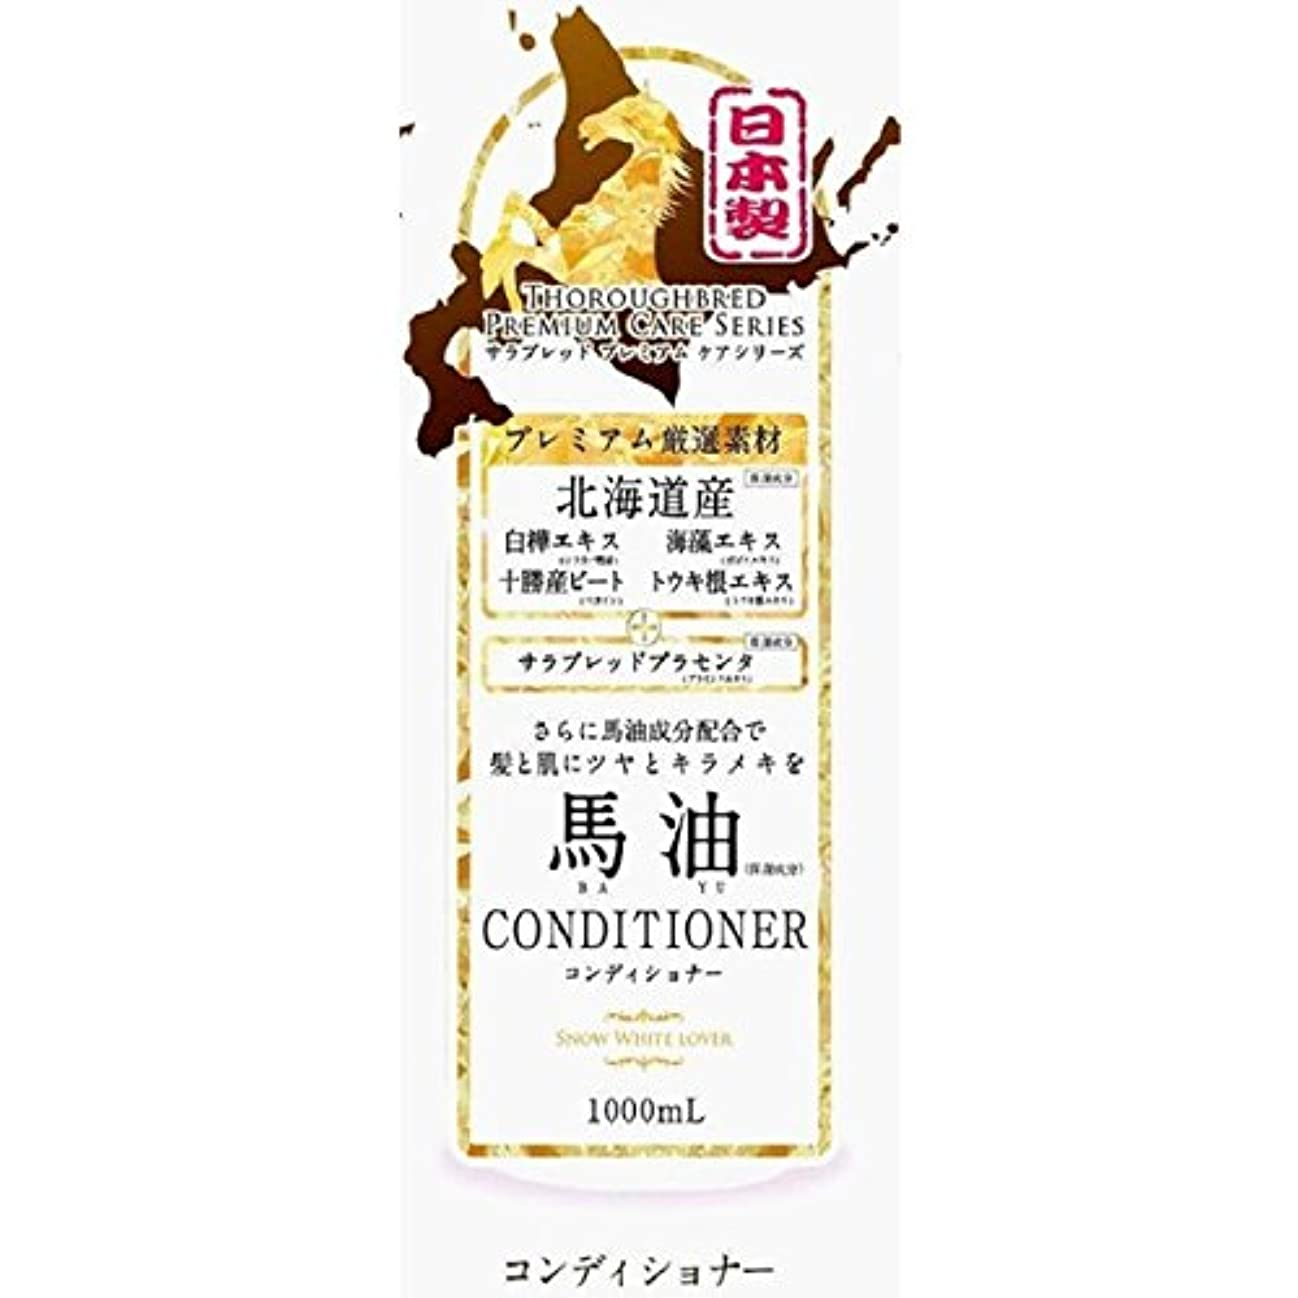 ボーカルカロリーアクティビティ北海道 馬油コンディショナー 1000ml × 6本